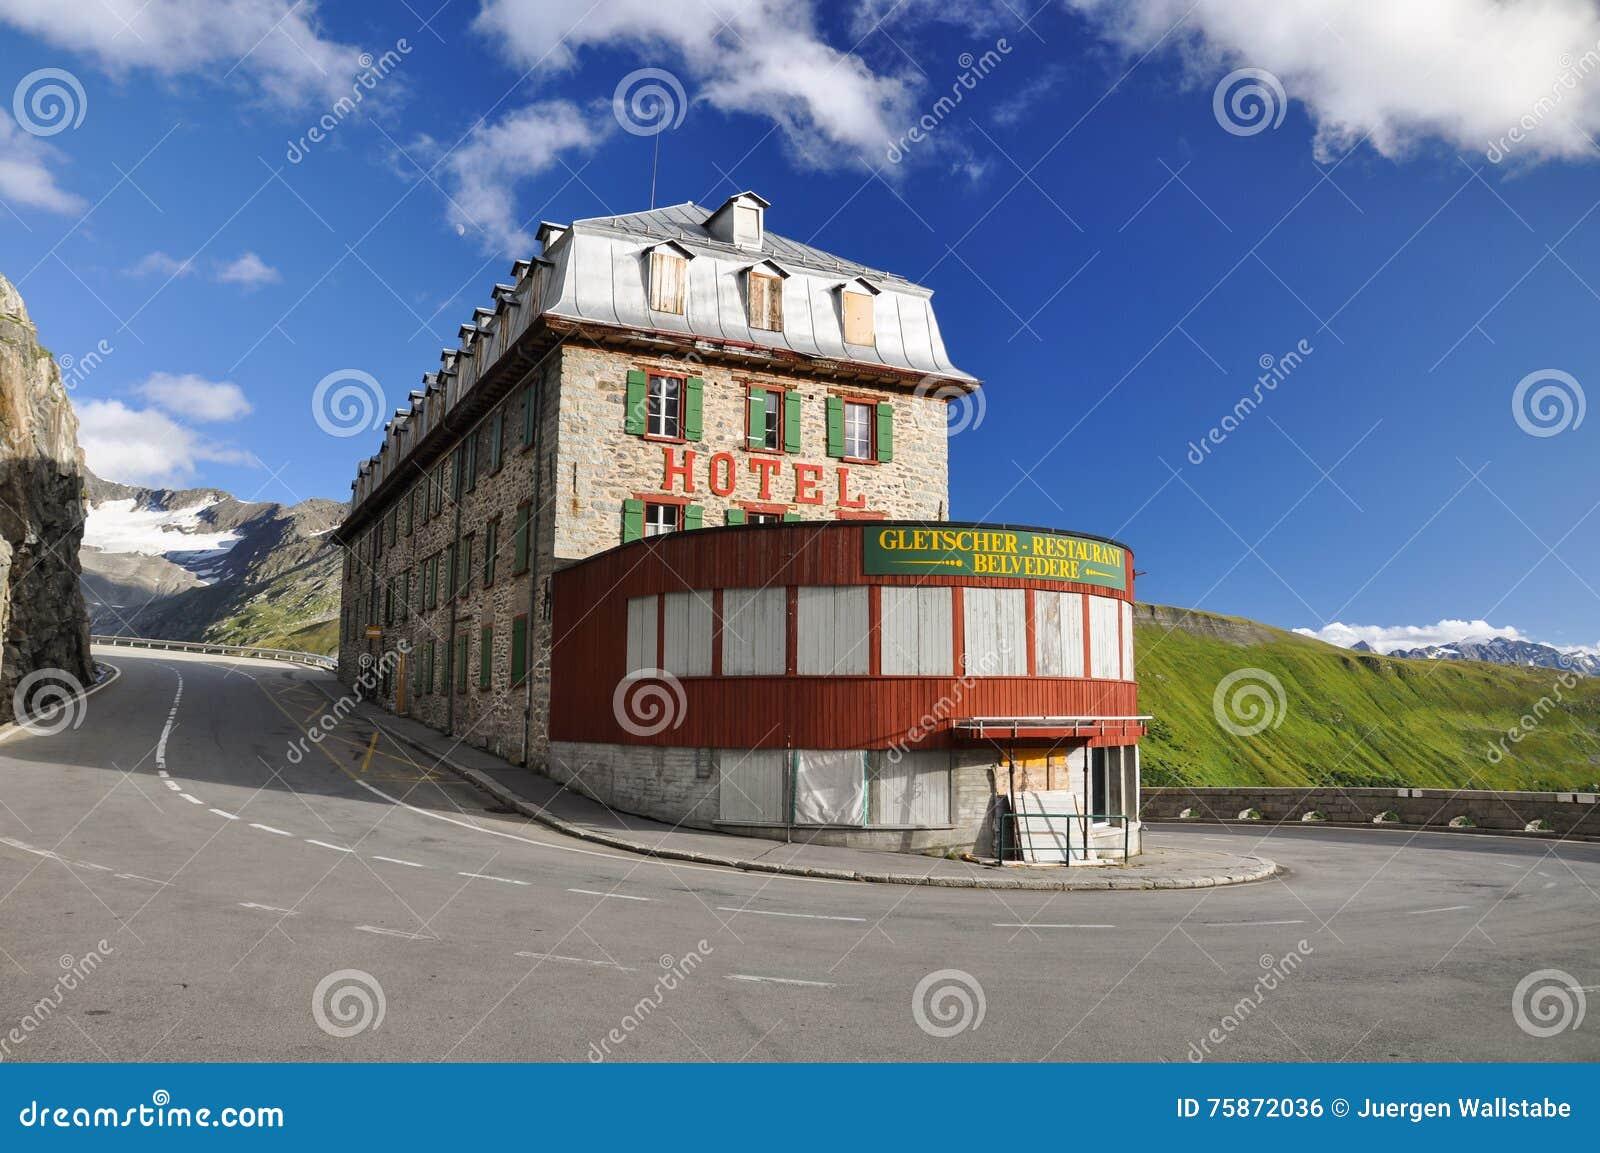 gletscher belvedere hotel switzerland